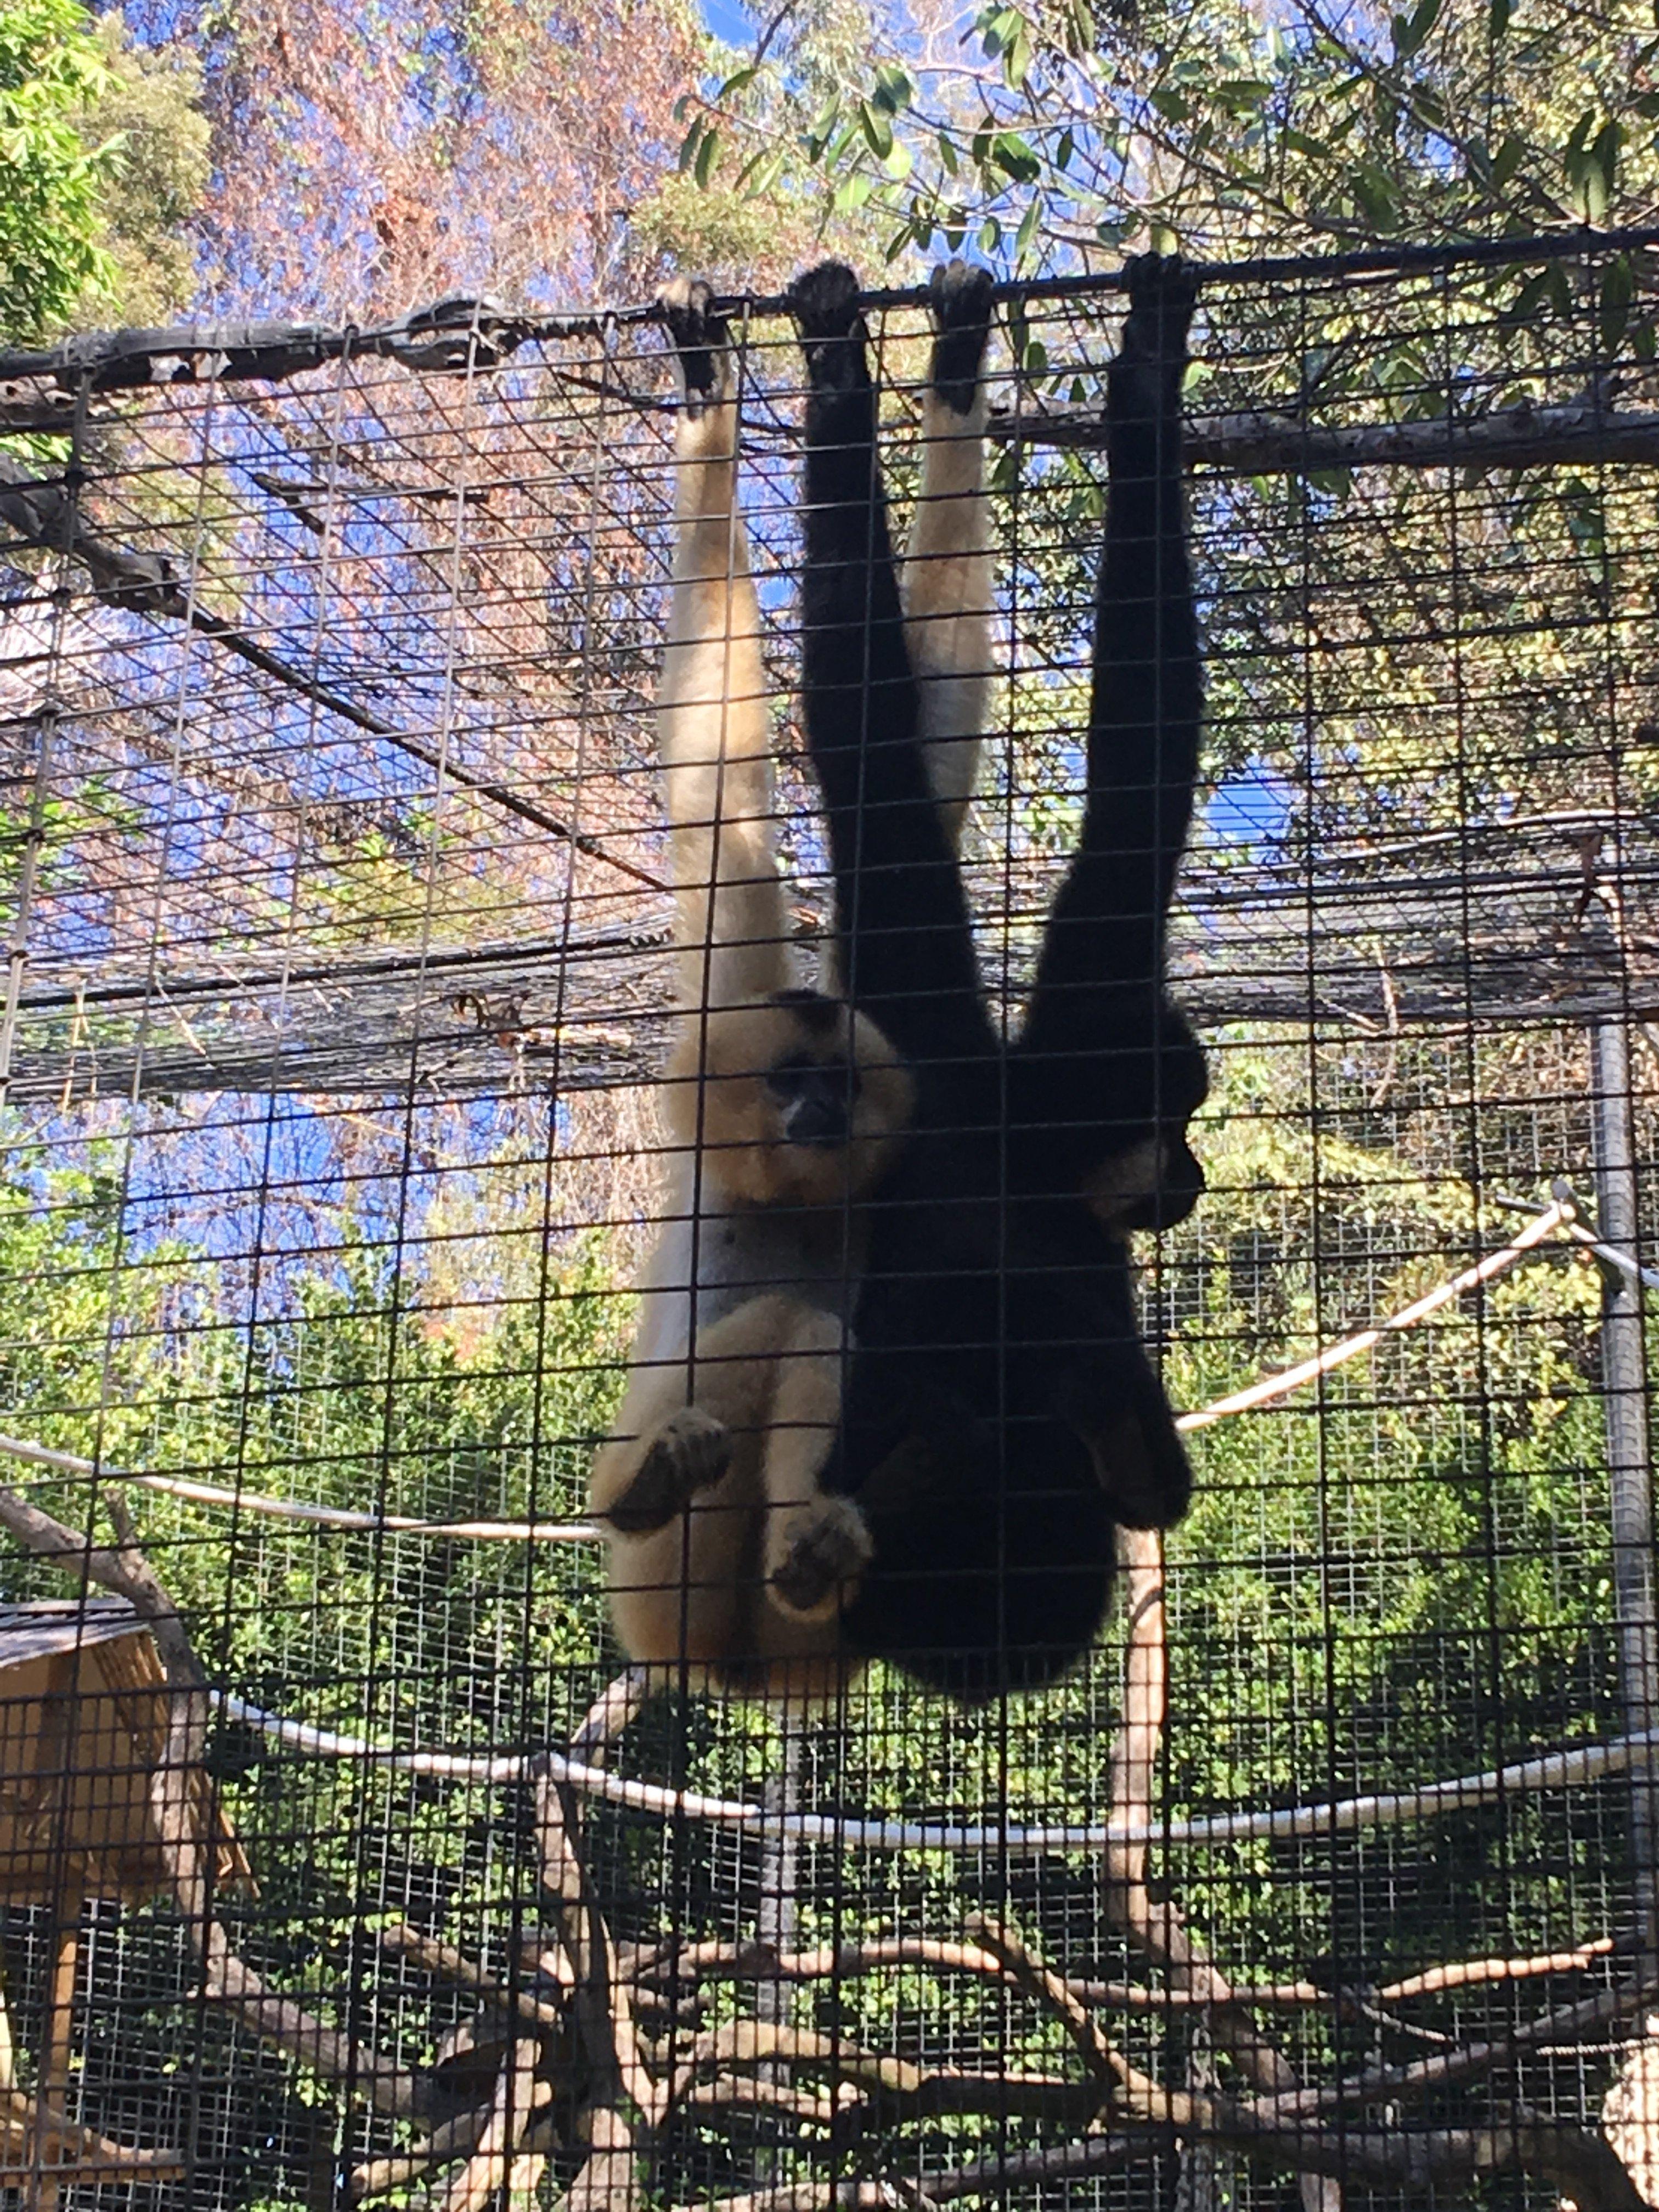 Monkey, monkeys, San diego zoo